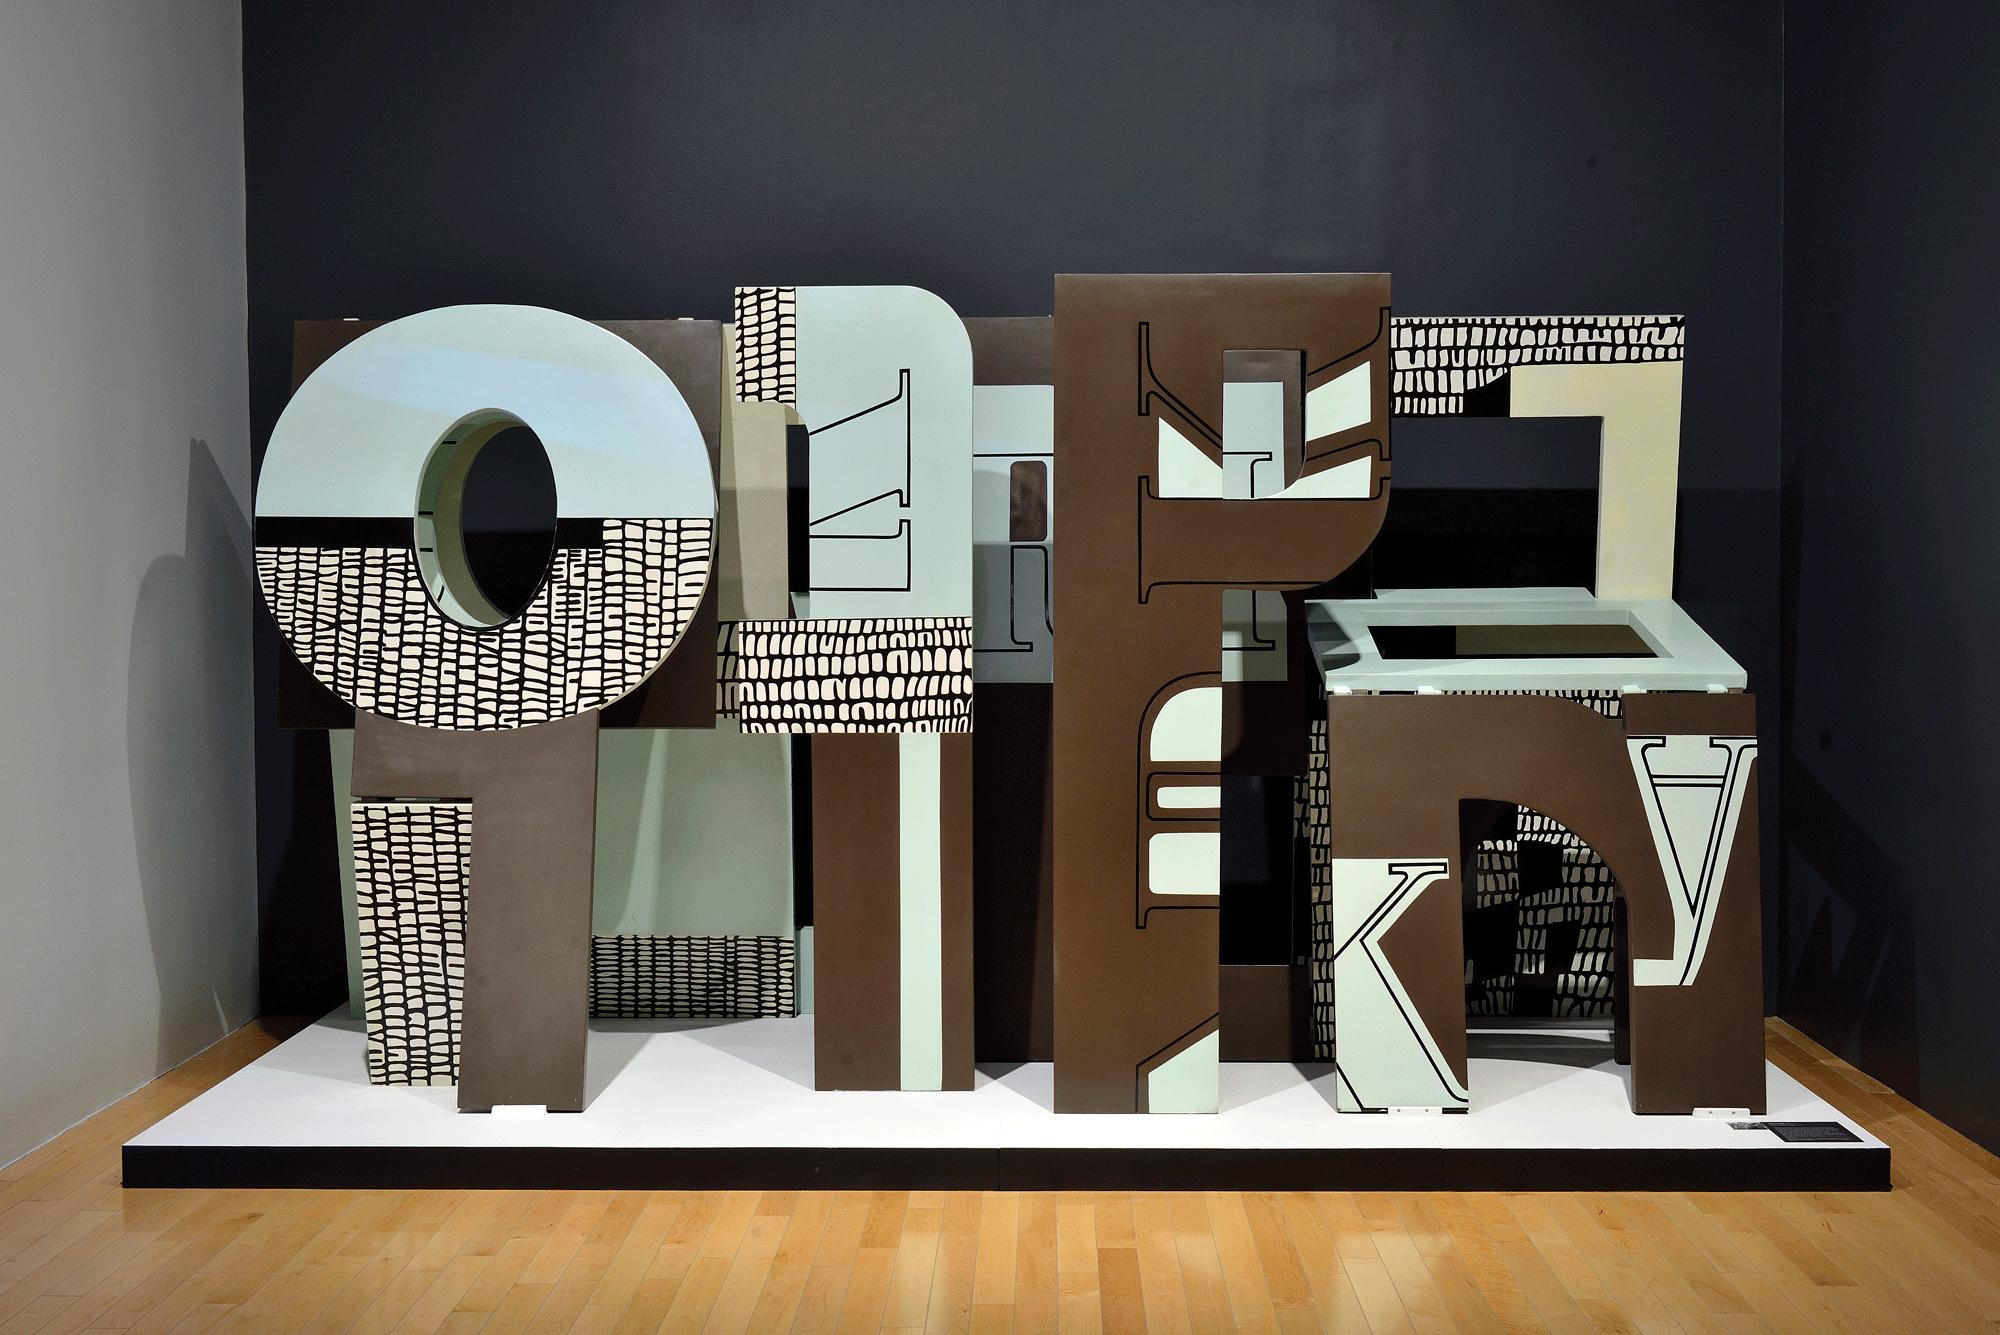 Ambiente gráfico | Un arte sin tutela: Salón Independiente en México, 1968-1971  | Museo Amparo, Puebla